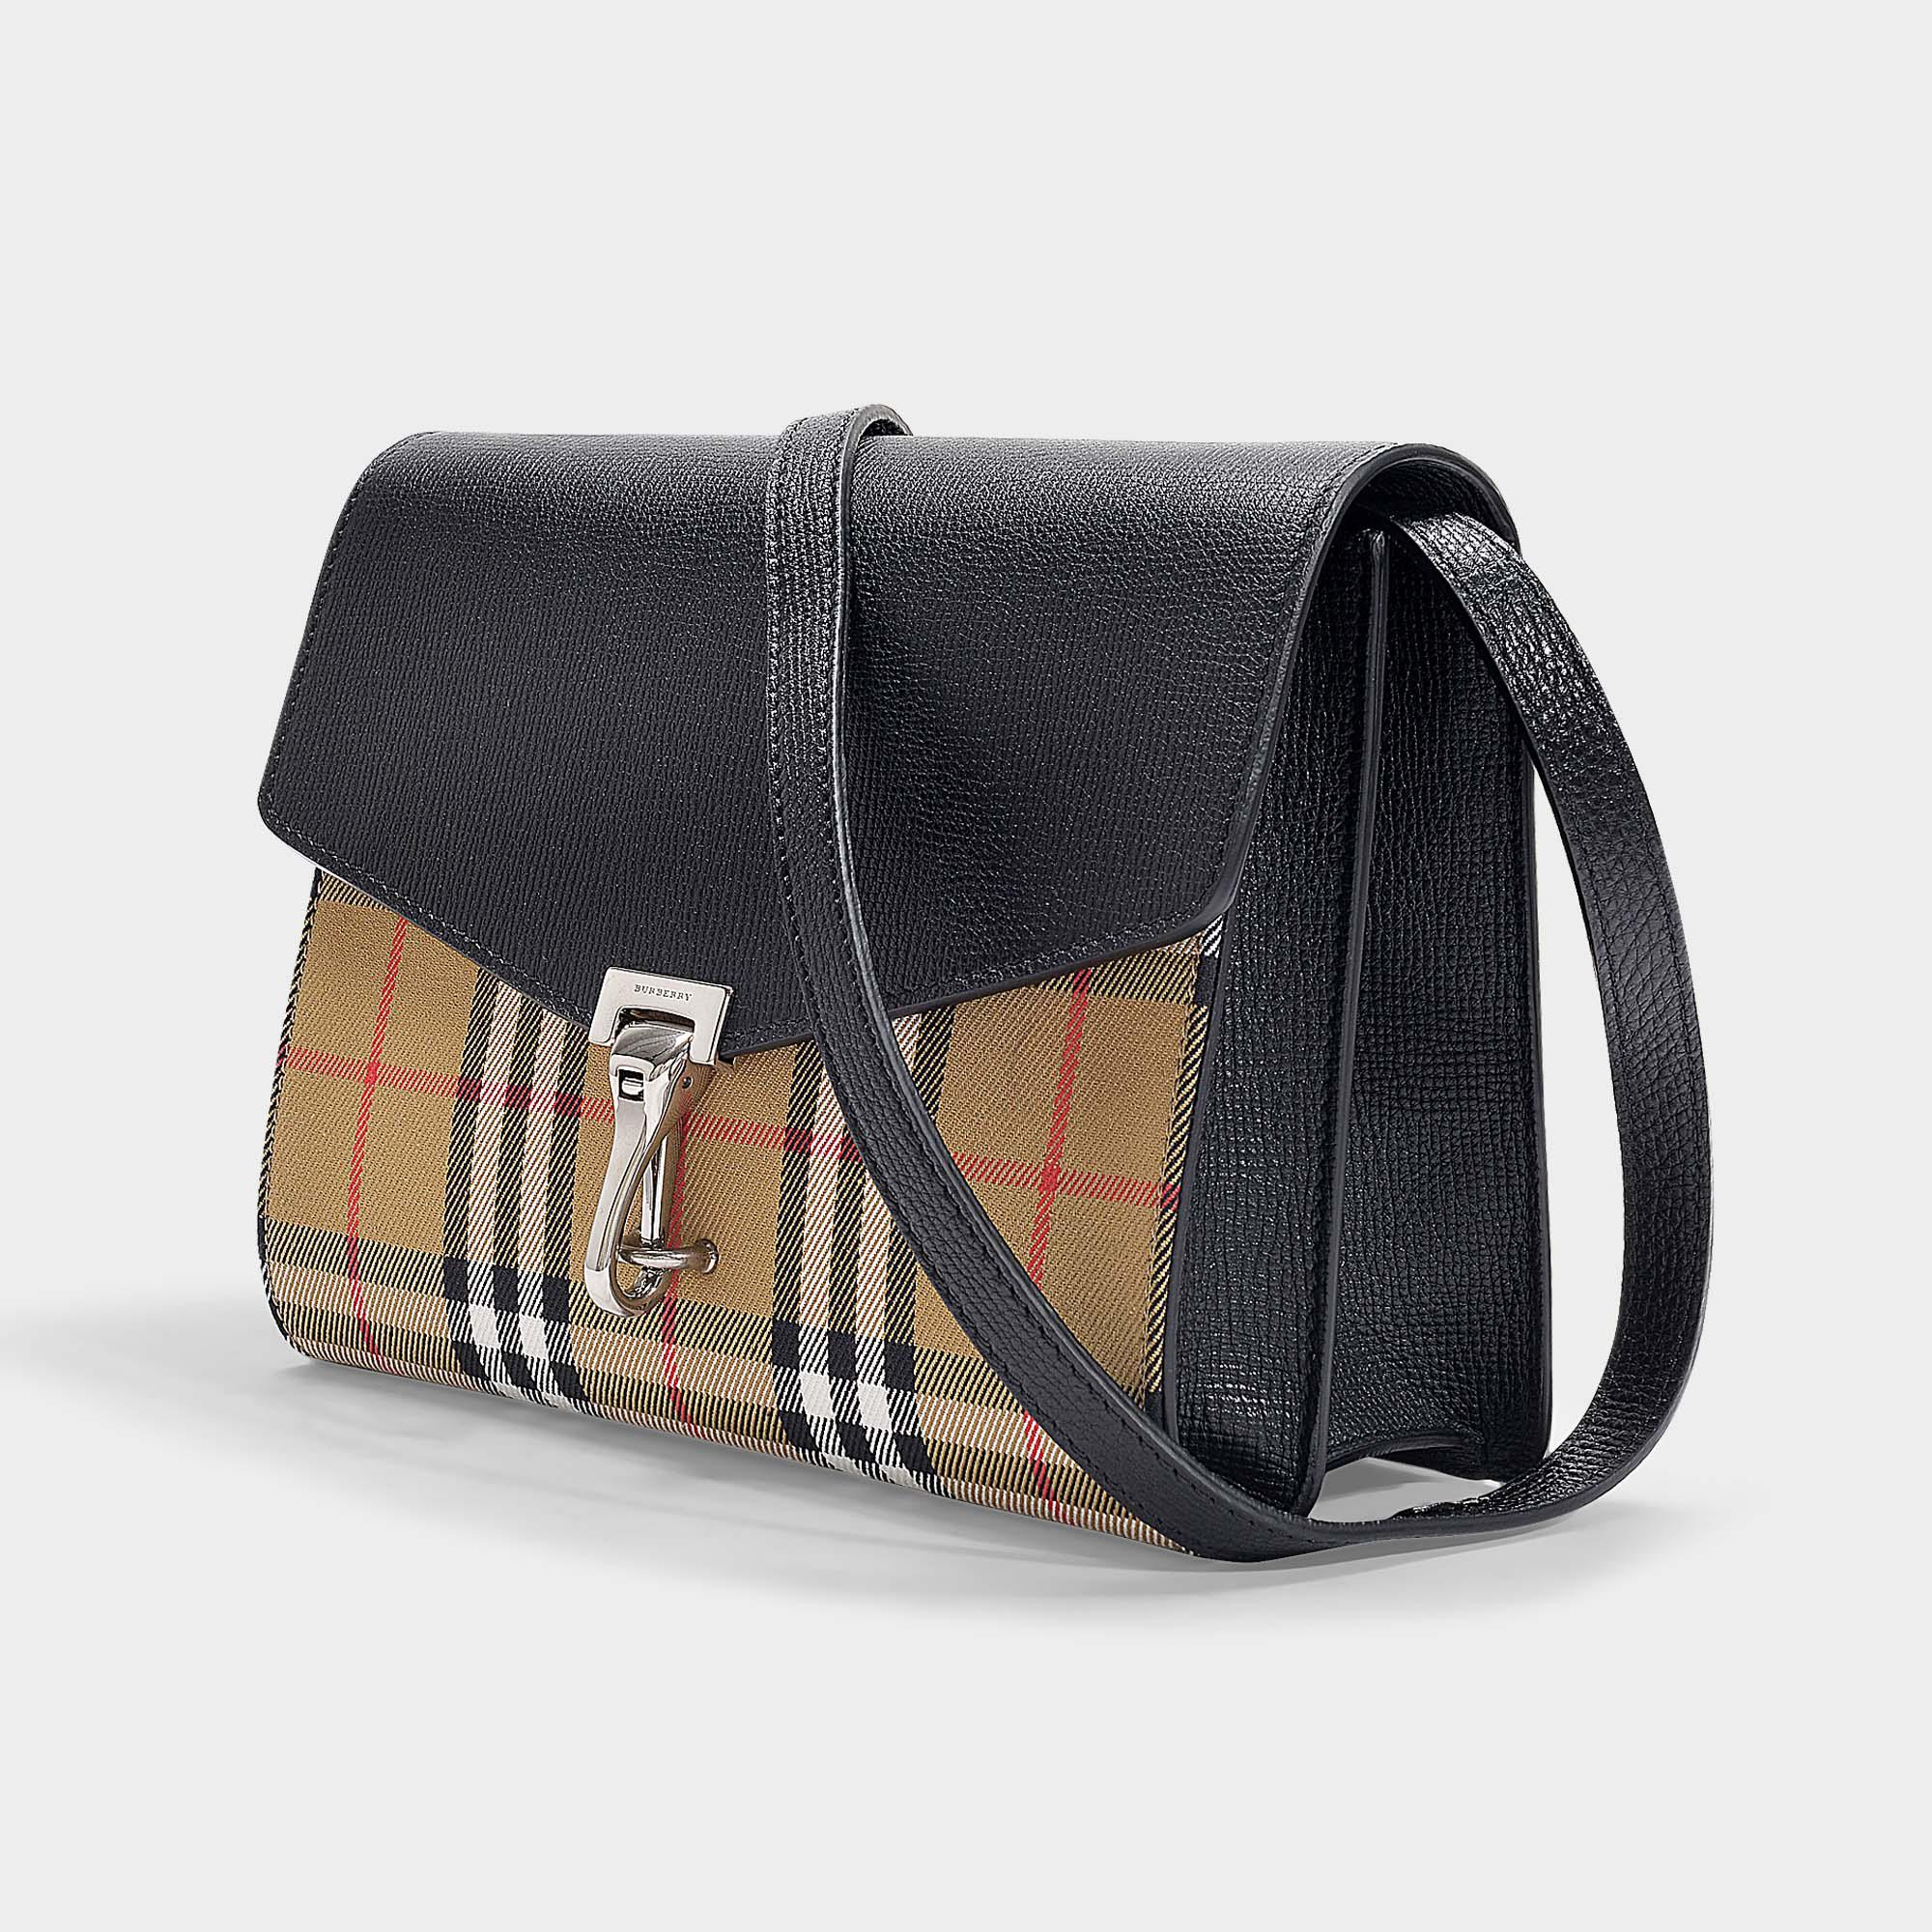 ebc4d4819c567 Burberry - Black Kleine Handtasche The Macken aus Vintage Check Stoff und  Taschenklappe aus schwarzem Kalbsleder. Vollbild ansehen